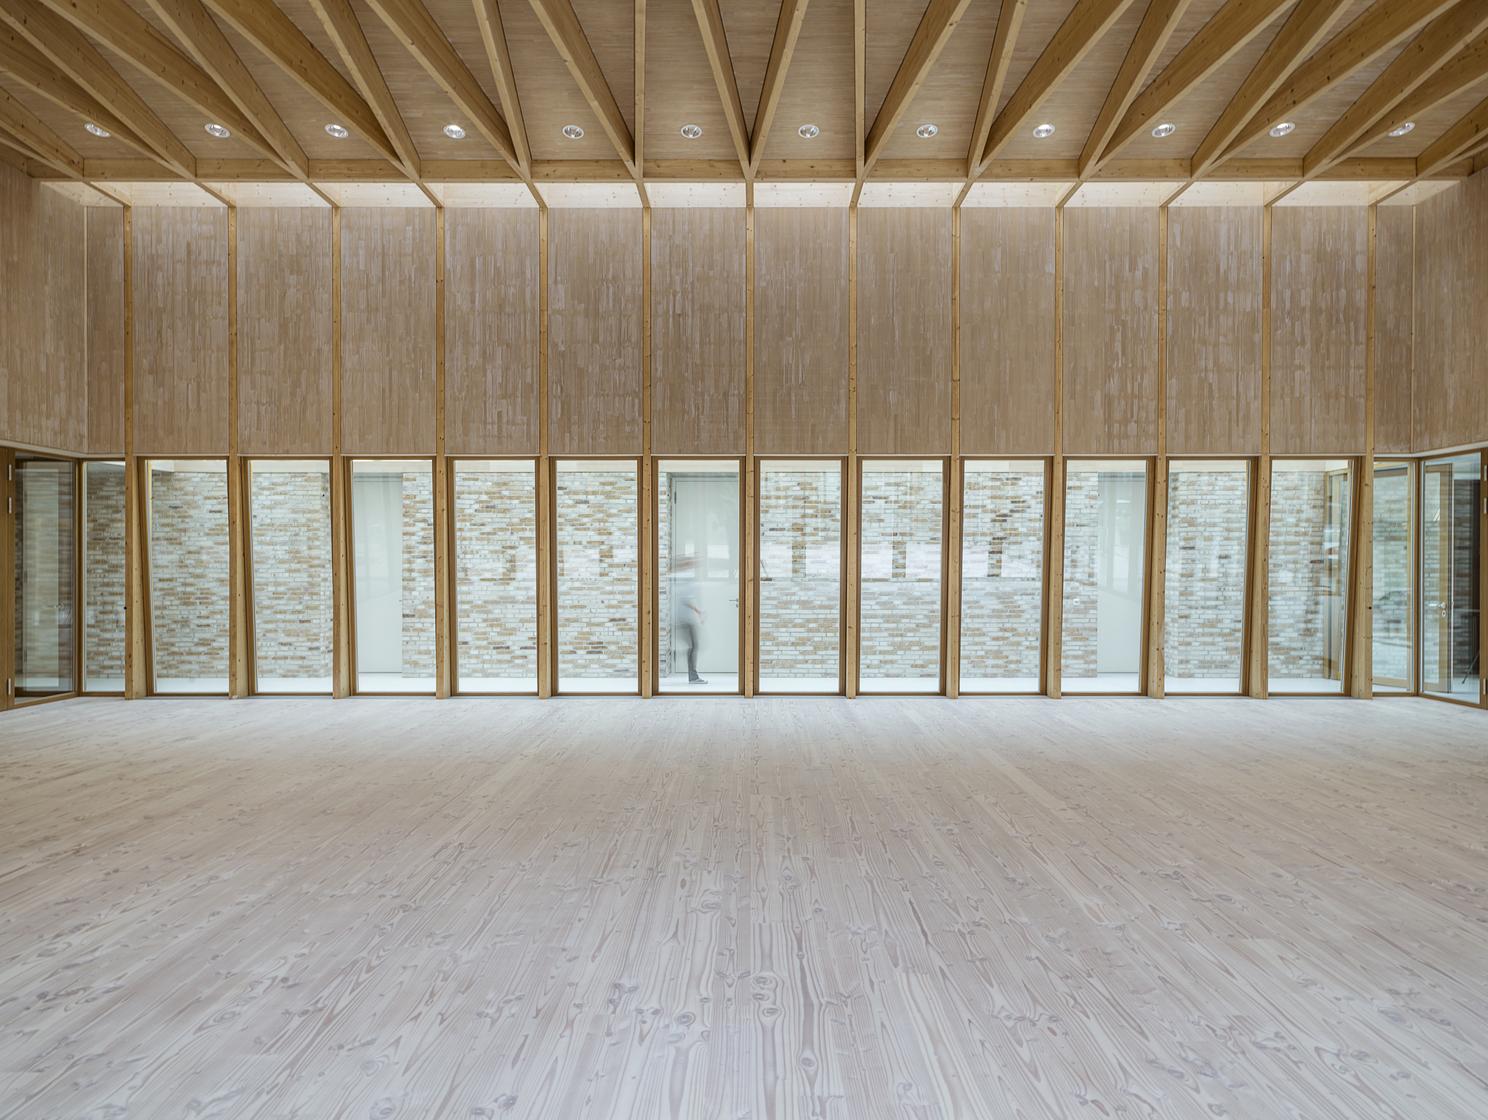 Staatspreis Baukultur B-W Gemeindezentrum Petrusgemeinde Wiesloch W+W